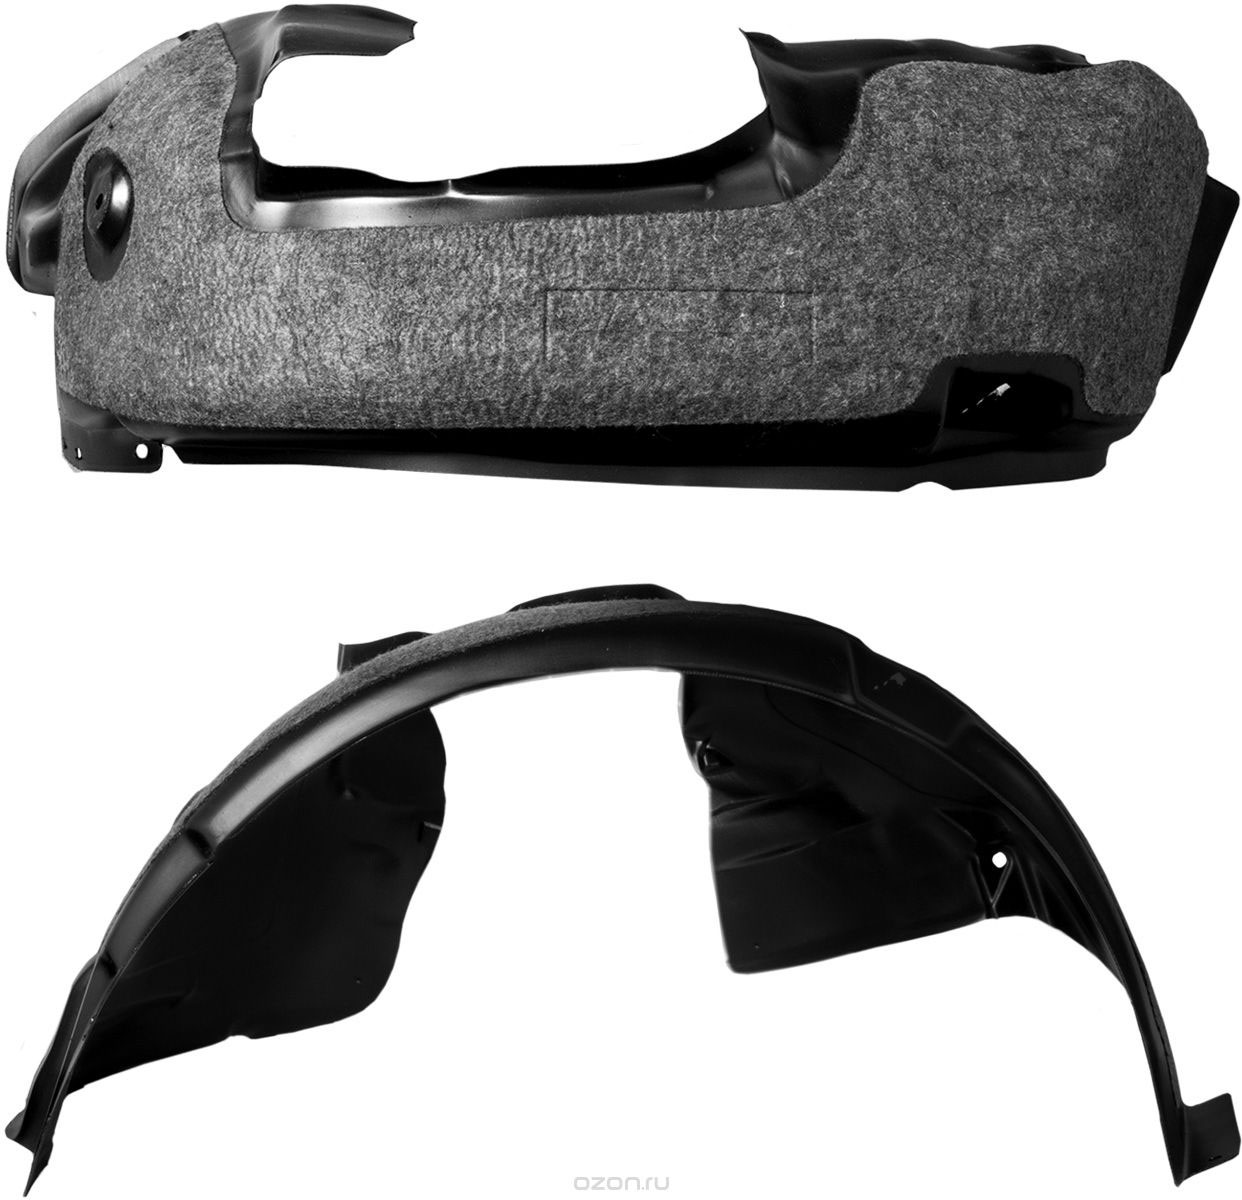 Подкрылок Novline-Autofamily, с шумоизоляцией, для GEELY X7, 2013->, задний правыйNLS.75.07.004Идеальная защита колесной ниши. Локеры разработаны с применением цифровых технологий, гарантируют максимальную повторяемость поверхности арки. Изделия устанавливаются без нарушения лакокрасочного покрытия автомобиля, каждый подкрылок комплектуется крепежом. Уважаемые клиенты, обращаем ваше внимание, что фотографии на подкрылки универсальные и не отражают реальную форму изделия. При этом само изделие идет точно под размер указанного автомобиля.